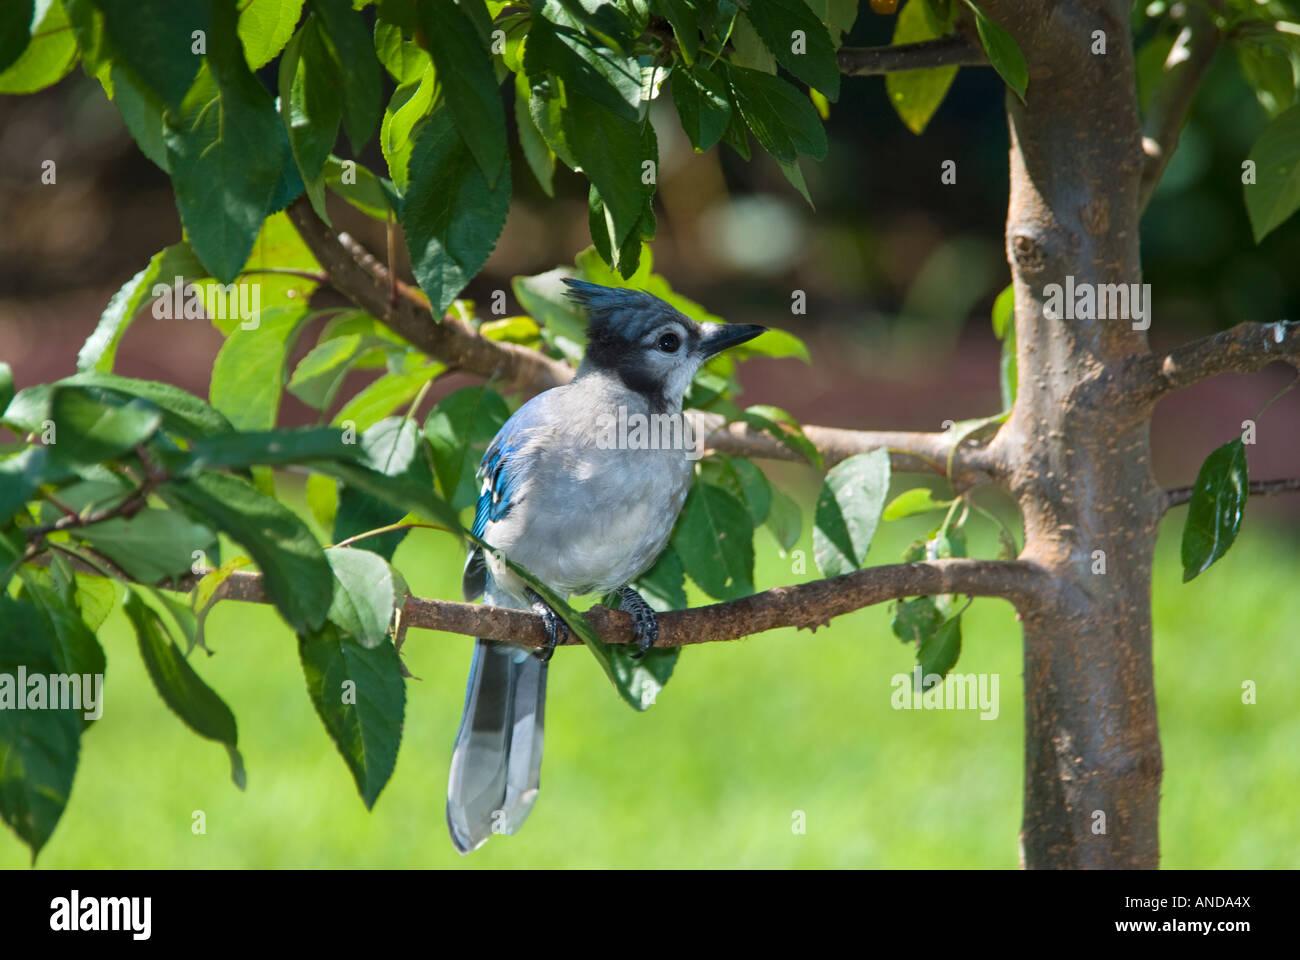 A juvenile Blue Jay (Cyanocitta cristata) perches on a branch. Oklahoma, USA. Stock Photo